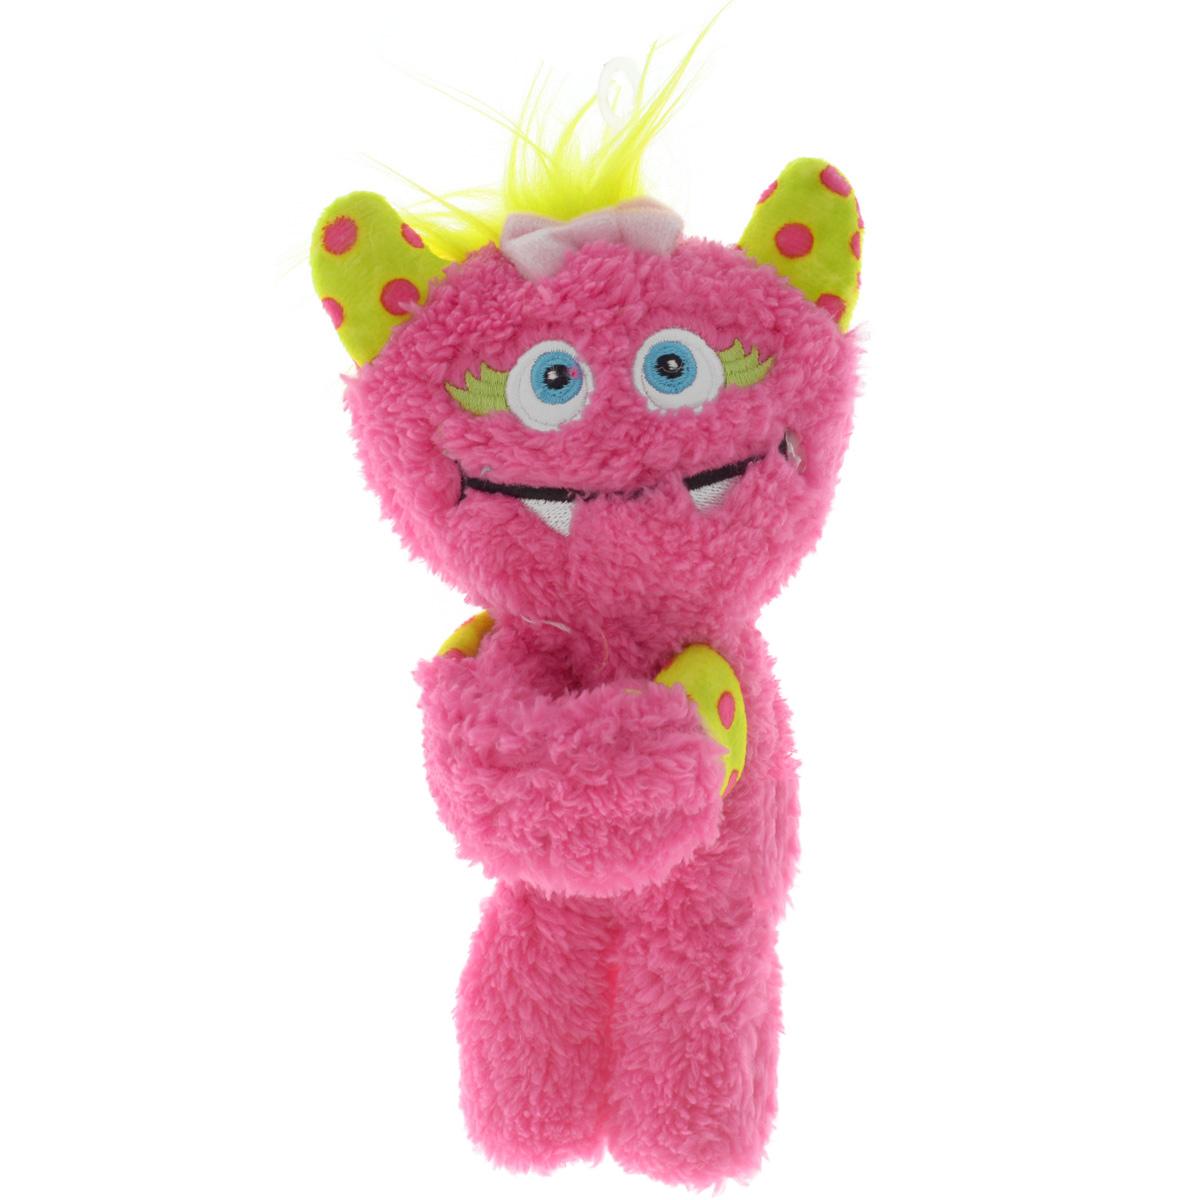 Gund Мягкая игрушка Monsteroos цвет розовый салатовый 19 см243561_розовыйОригинальная яркая игрушка Gund Monsteroos с забавной улыбкой непременно порадует своего обладателя. Игрушка изготовлена из мягкого текстильного материала с ворсом средней длины, благодаря чему ее будет приятно держать в руках, а насыщенные розовый и салатовый цвета обязательно поднимут настроение. Основание лап маленького монстра изготовлено из мягкого пластика с помощью которого он легко может держаться, например за запястье.